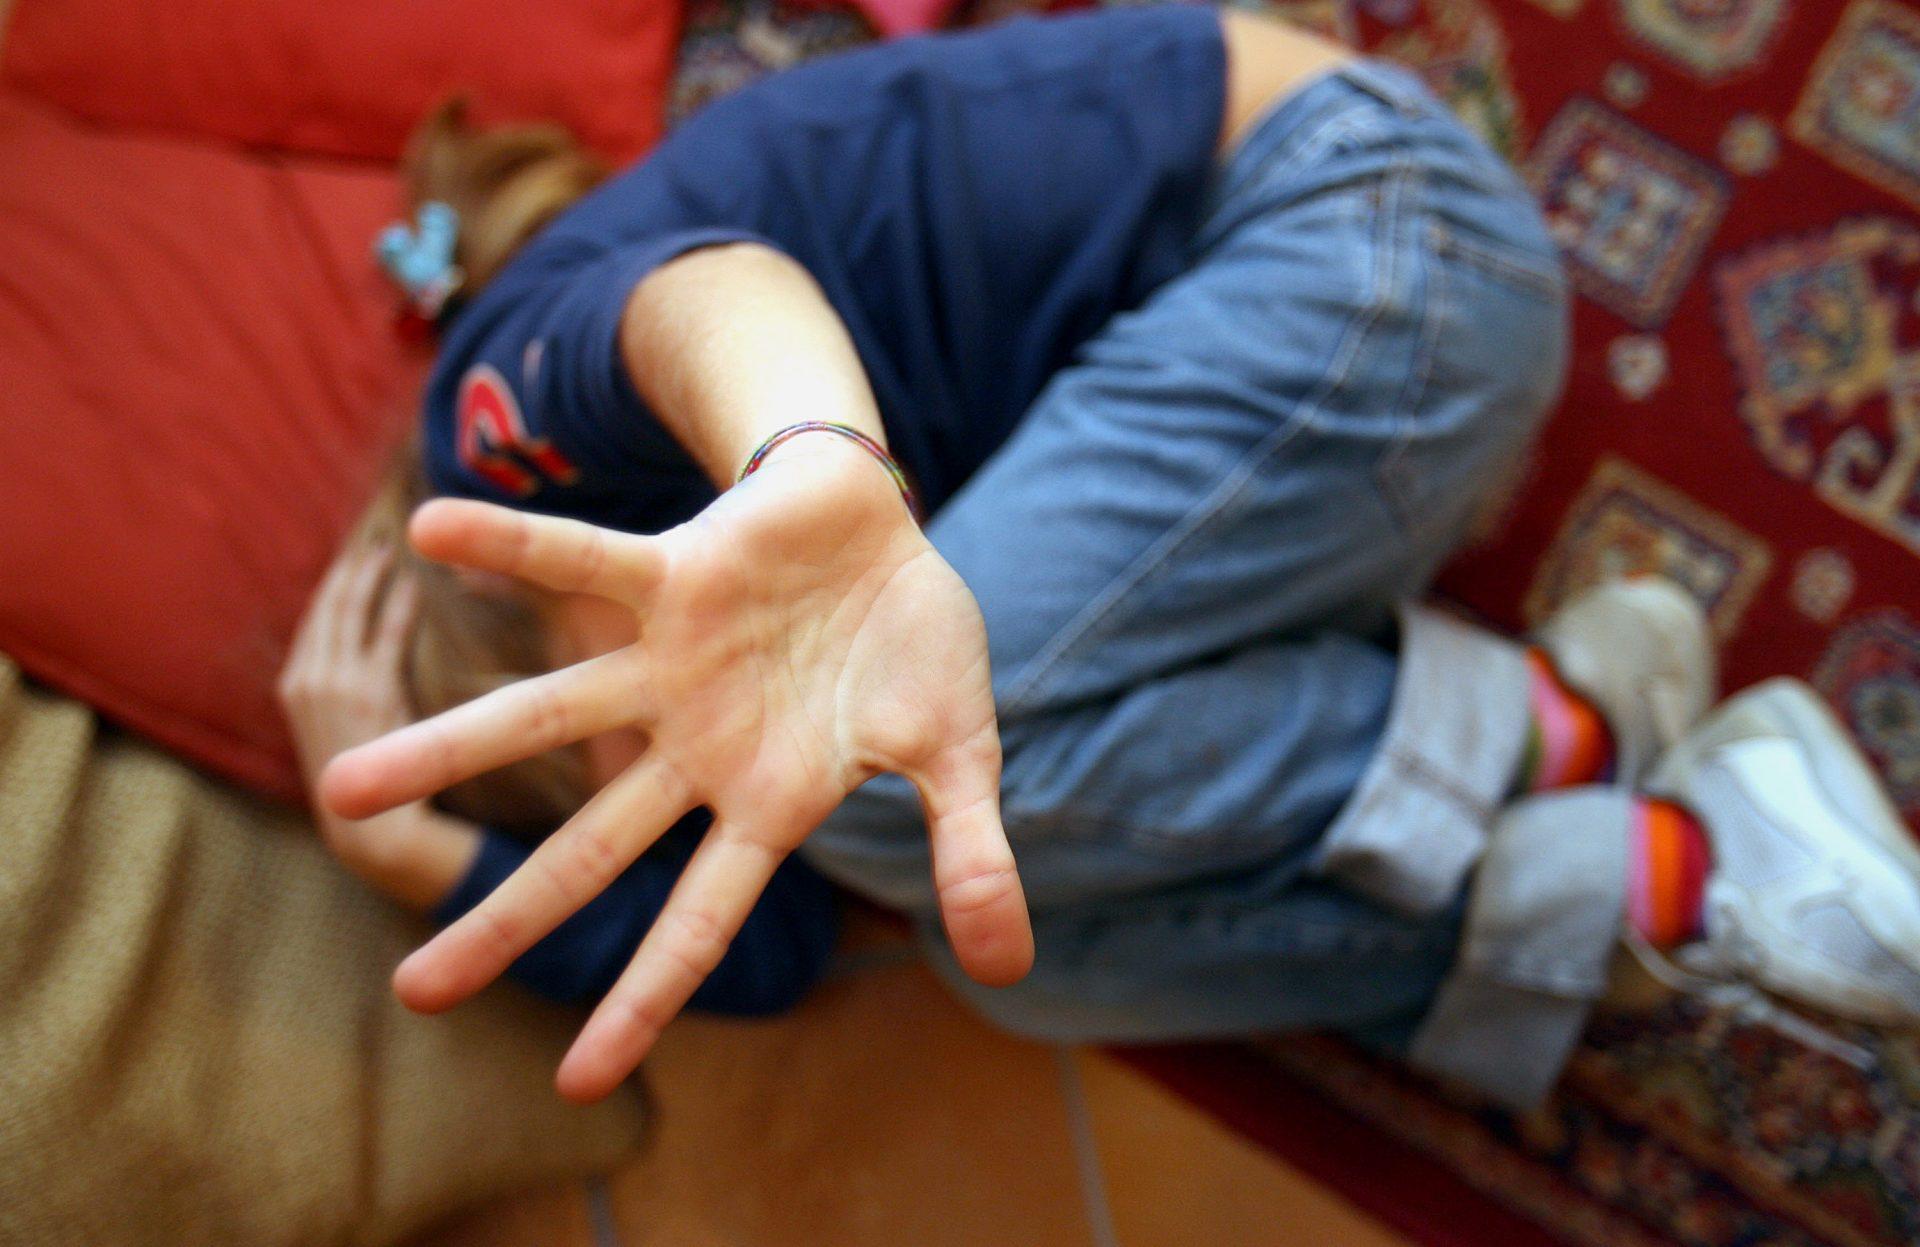 Il segreto per liberare una volta per tutti i giovani dal tunnel mortale della droga - Fondazione Angelo Affinita